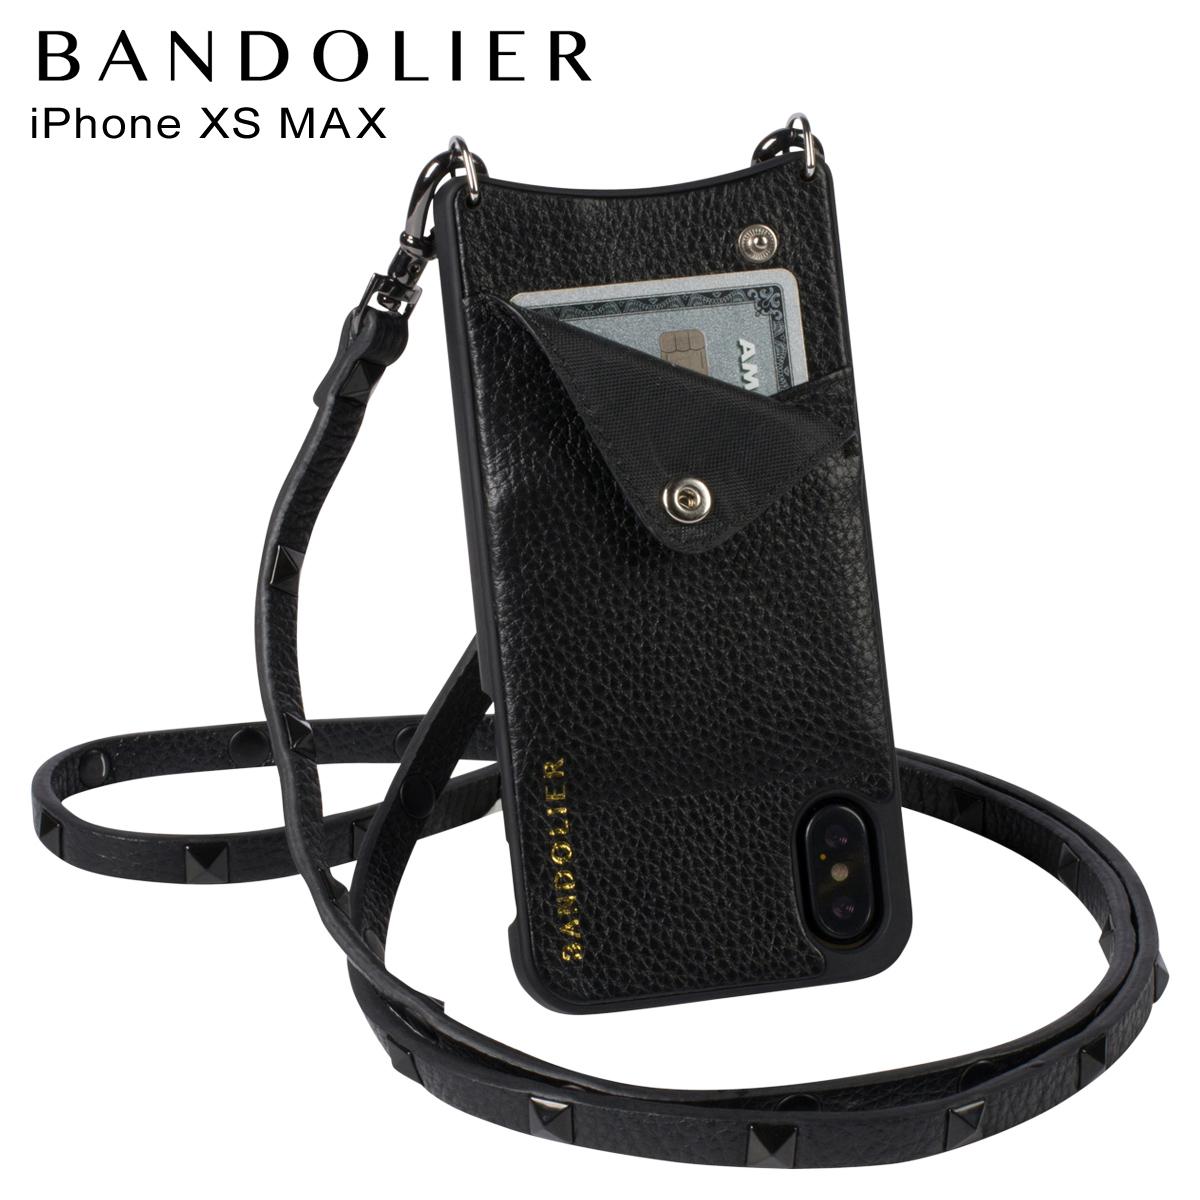 BANDOLIER iPhone XS MAX SARAH BLACK バンドリヤー ケース ショルダー スマホ アイフォン レザー メンズ レディース ブラック 10SAR1001 [4/18 再入荷]